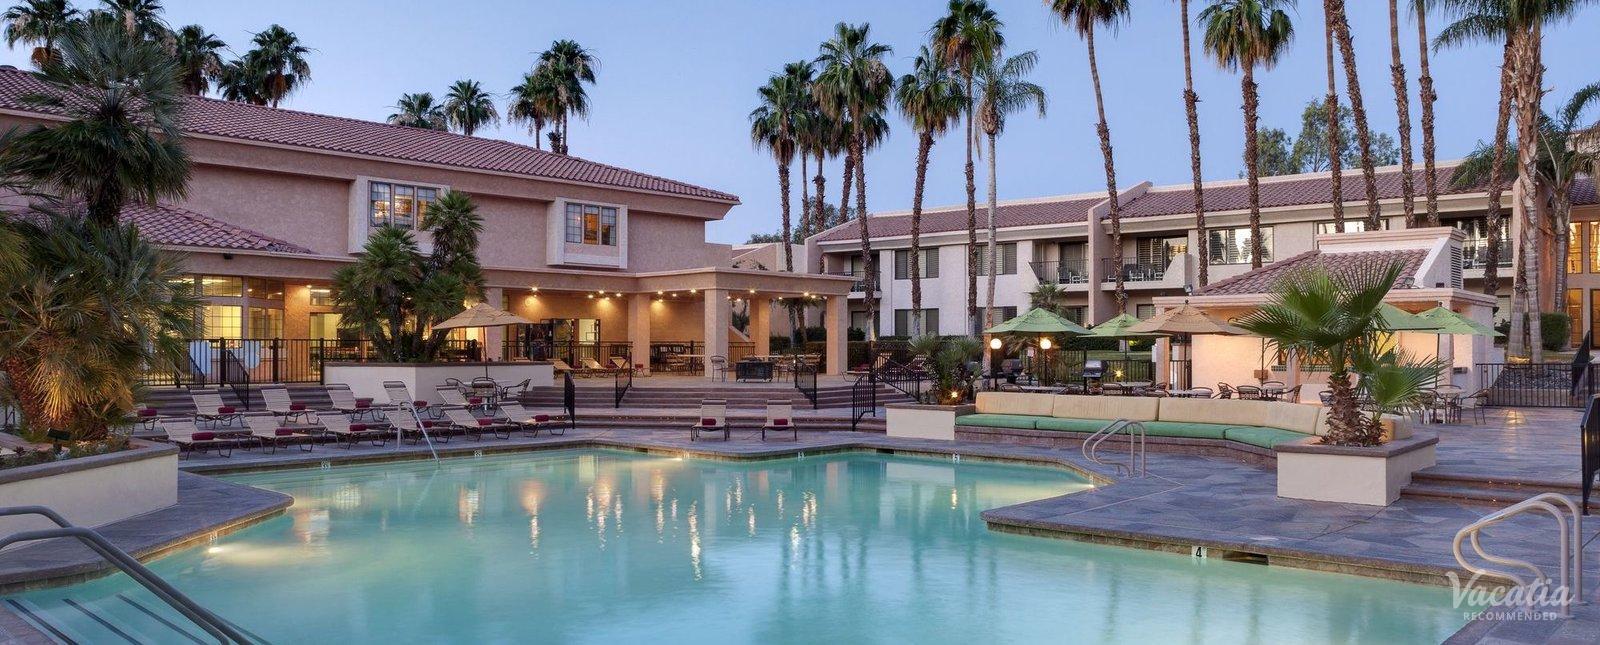 Desert Oasis Resort Welk Reviews, Pictures & Floor Plans   Vacatia